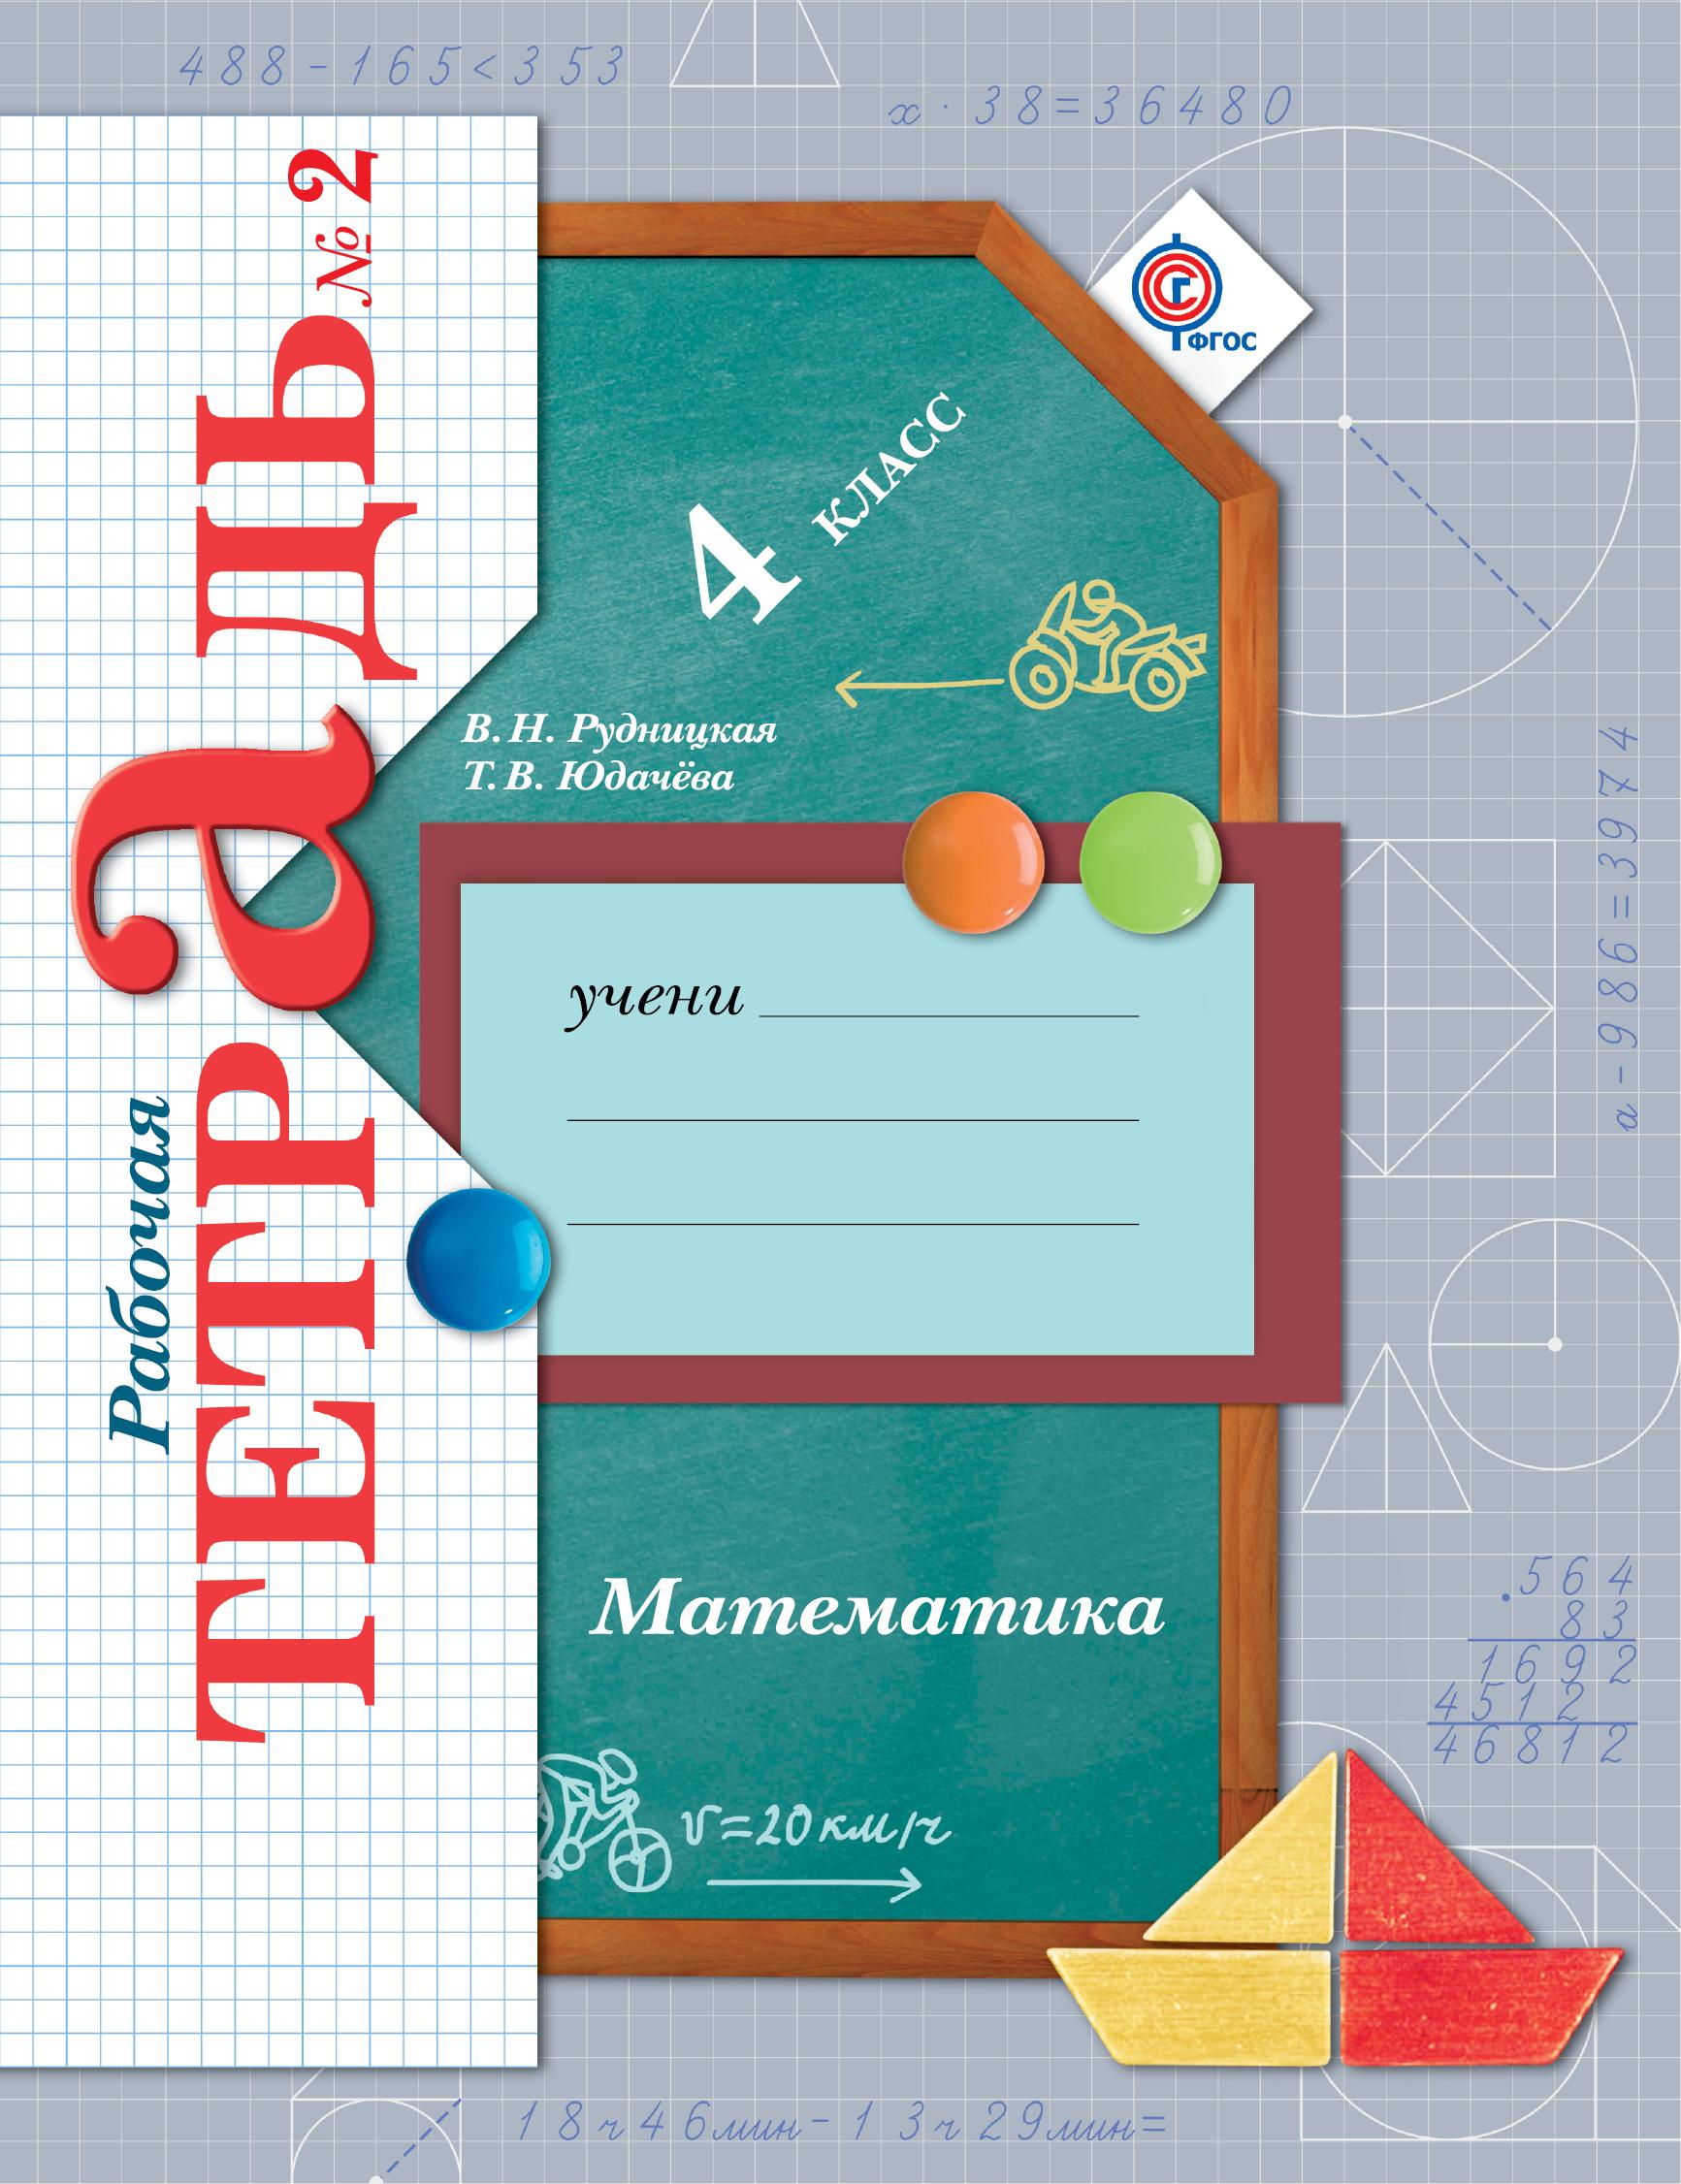 Фото - В. Н. Рудницкая, Т. В. Юдачева Математика. 4класс. Рабочая тетрадь №2 в н рудницкая т в юдачева математика 4